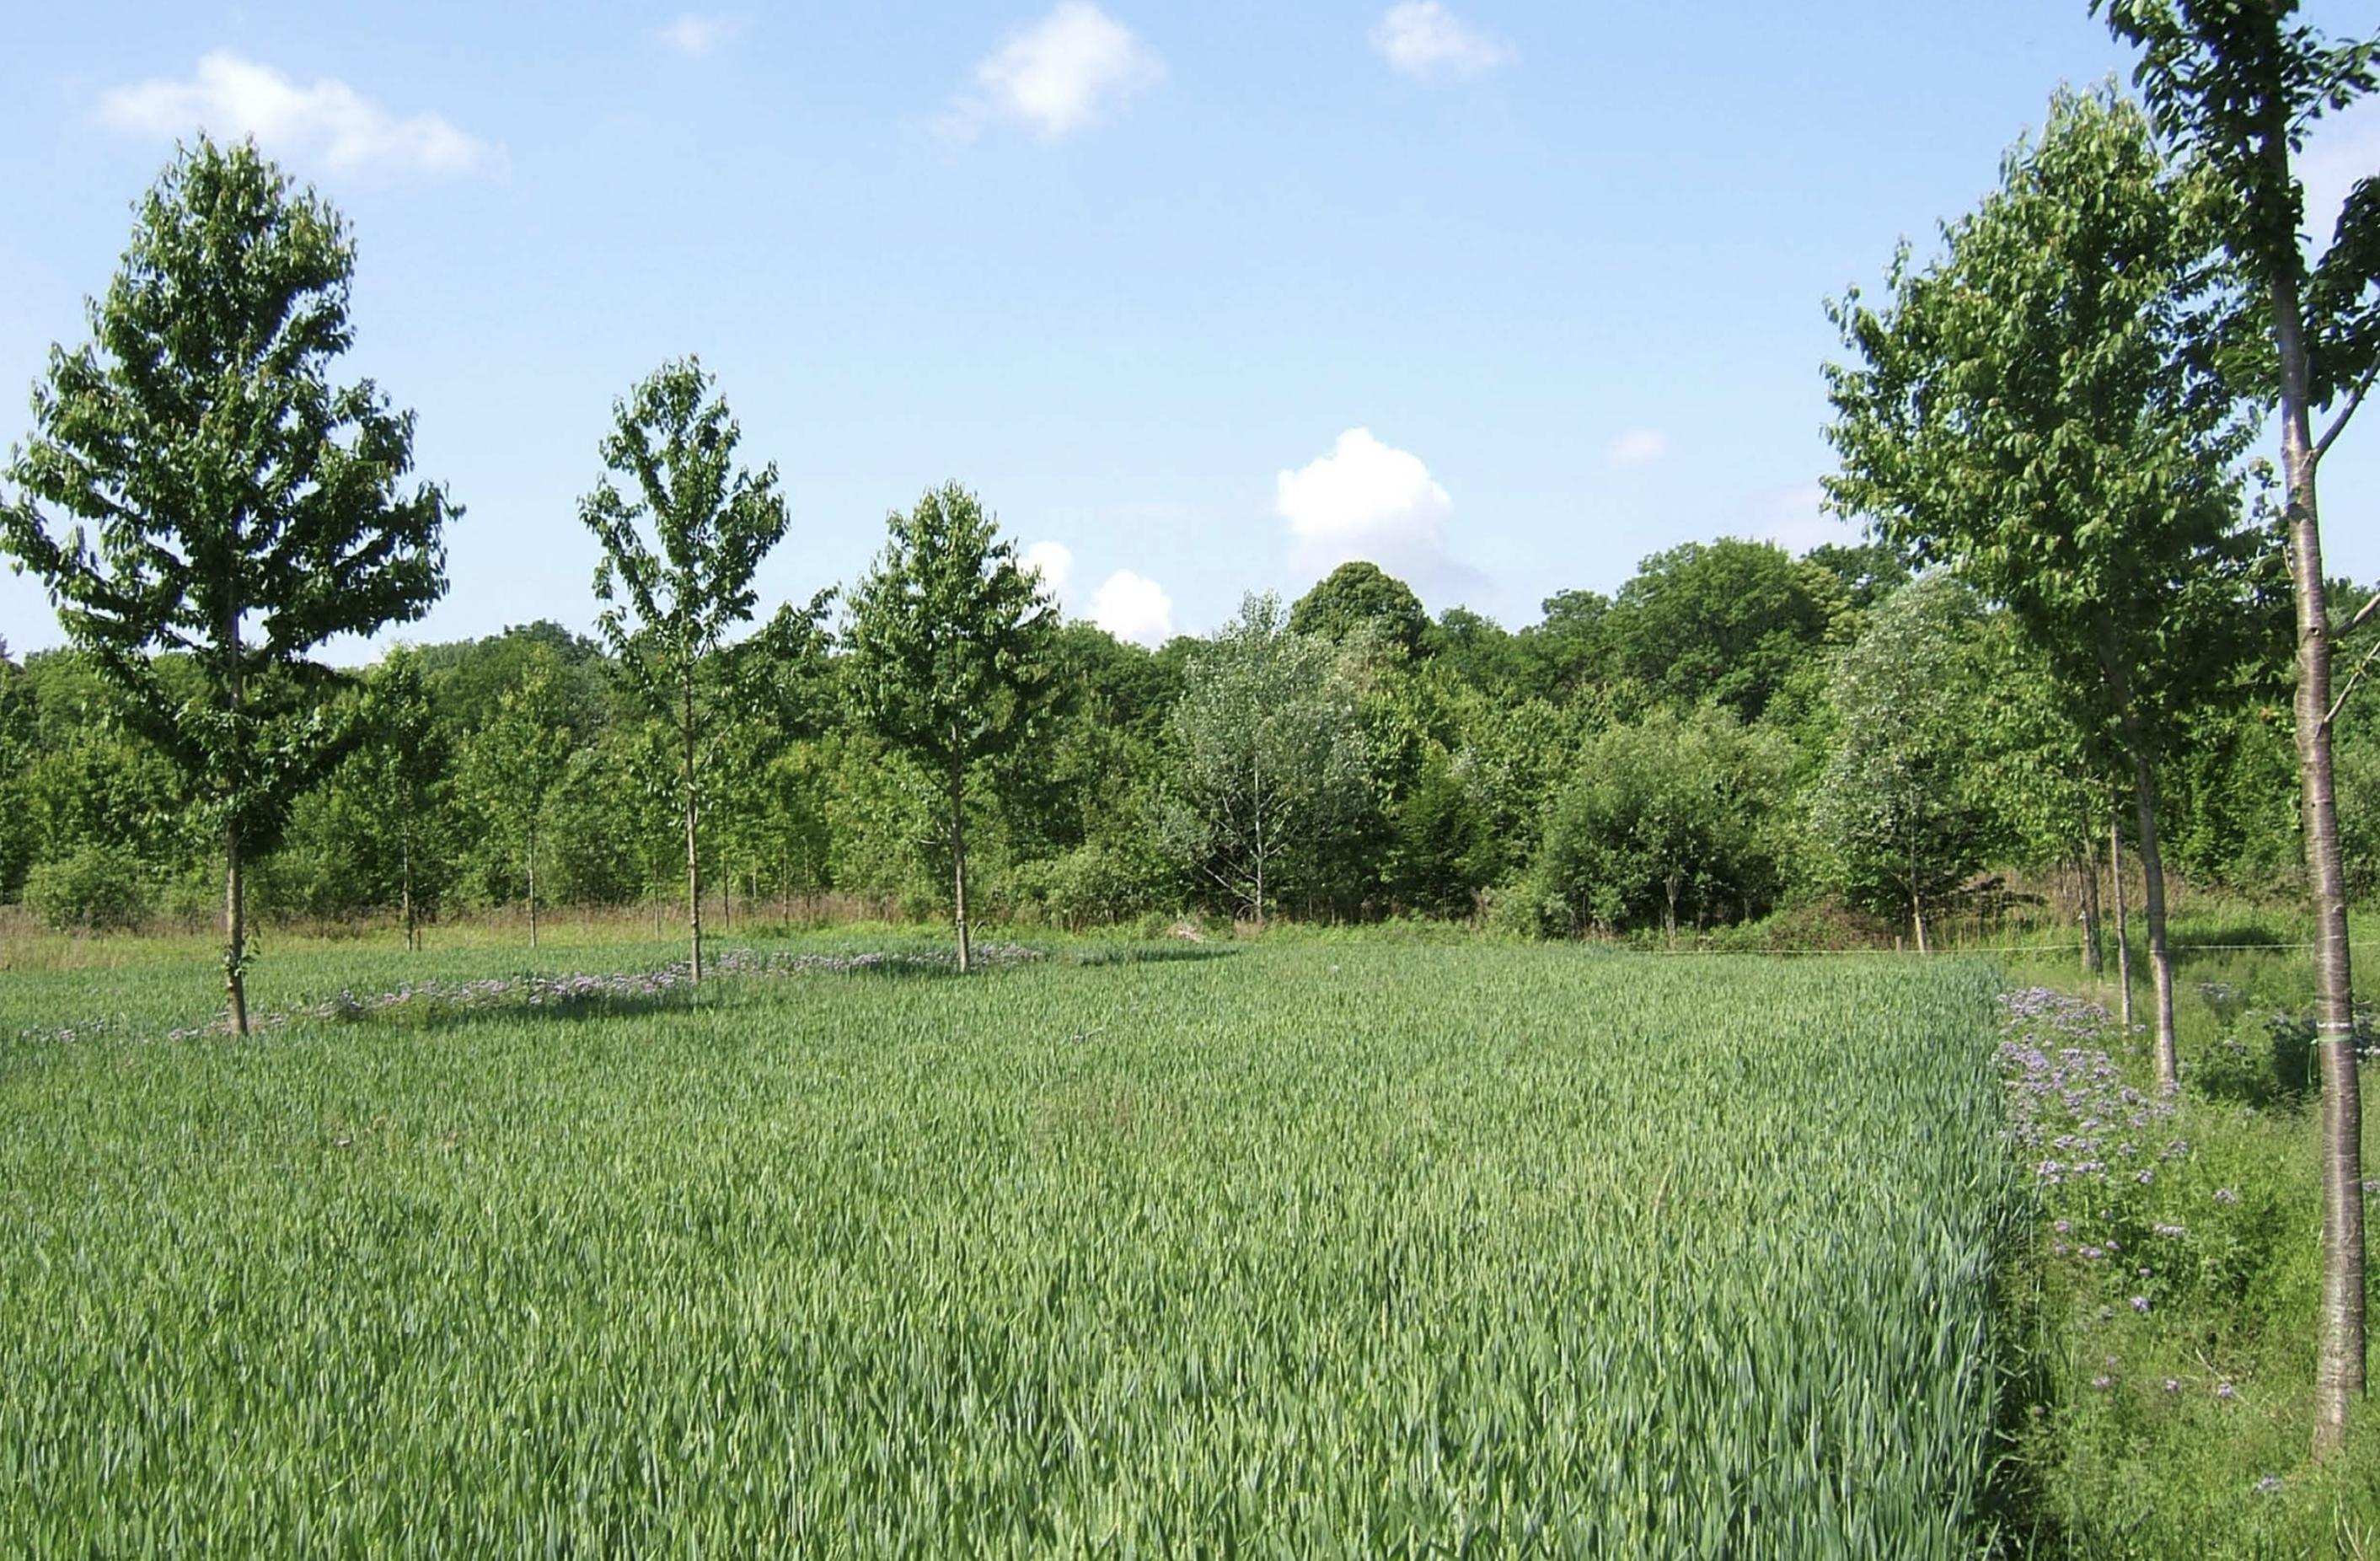 Agroforst-Systeme zur Wertholzerzeugung